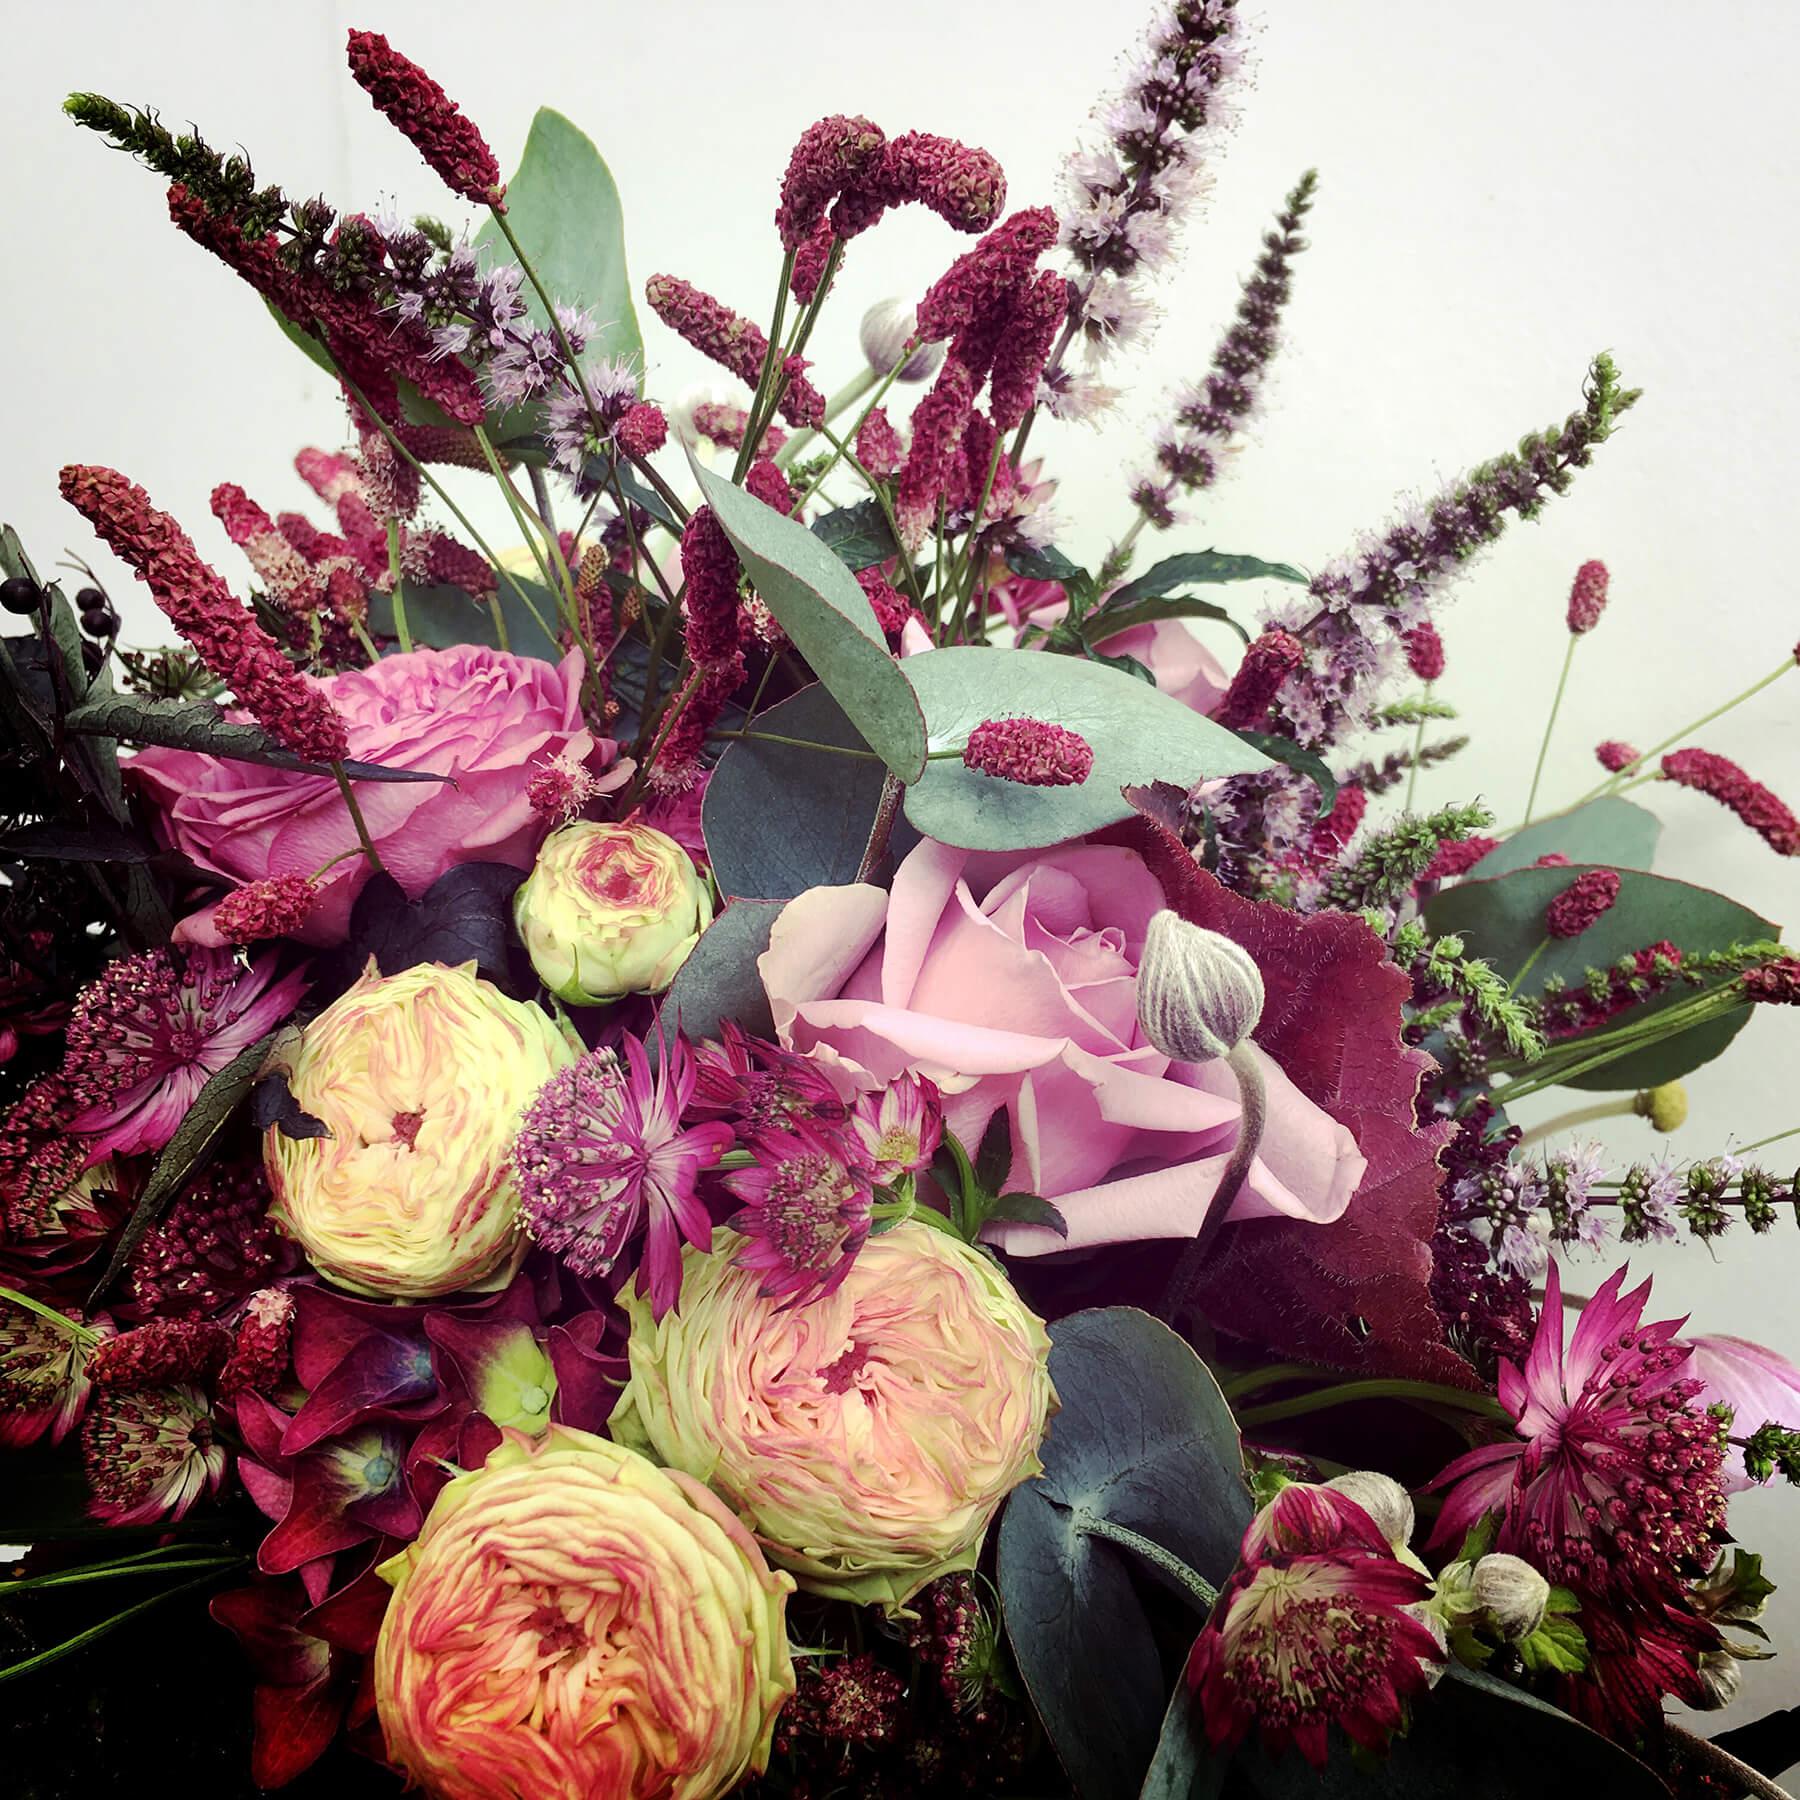 Brudbukett i vinrött, gammelrosa och silvergrönt. Rosor, blodtopp, stjärnflocka och eucalyptus bildar en vacker enhet.